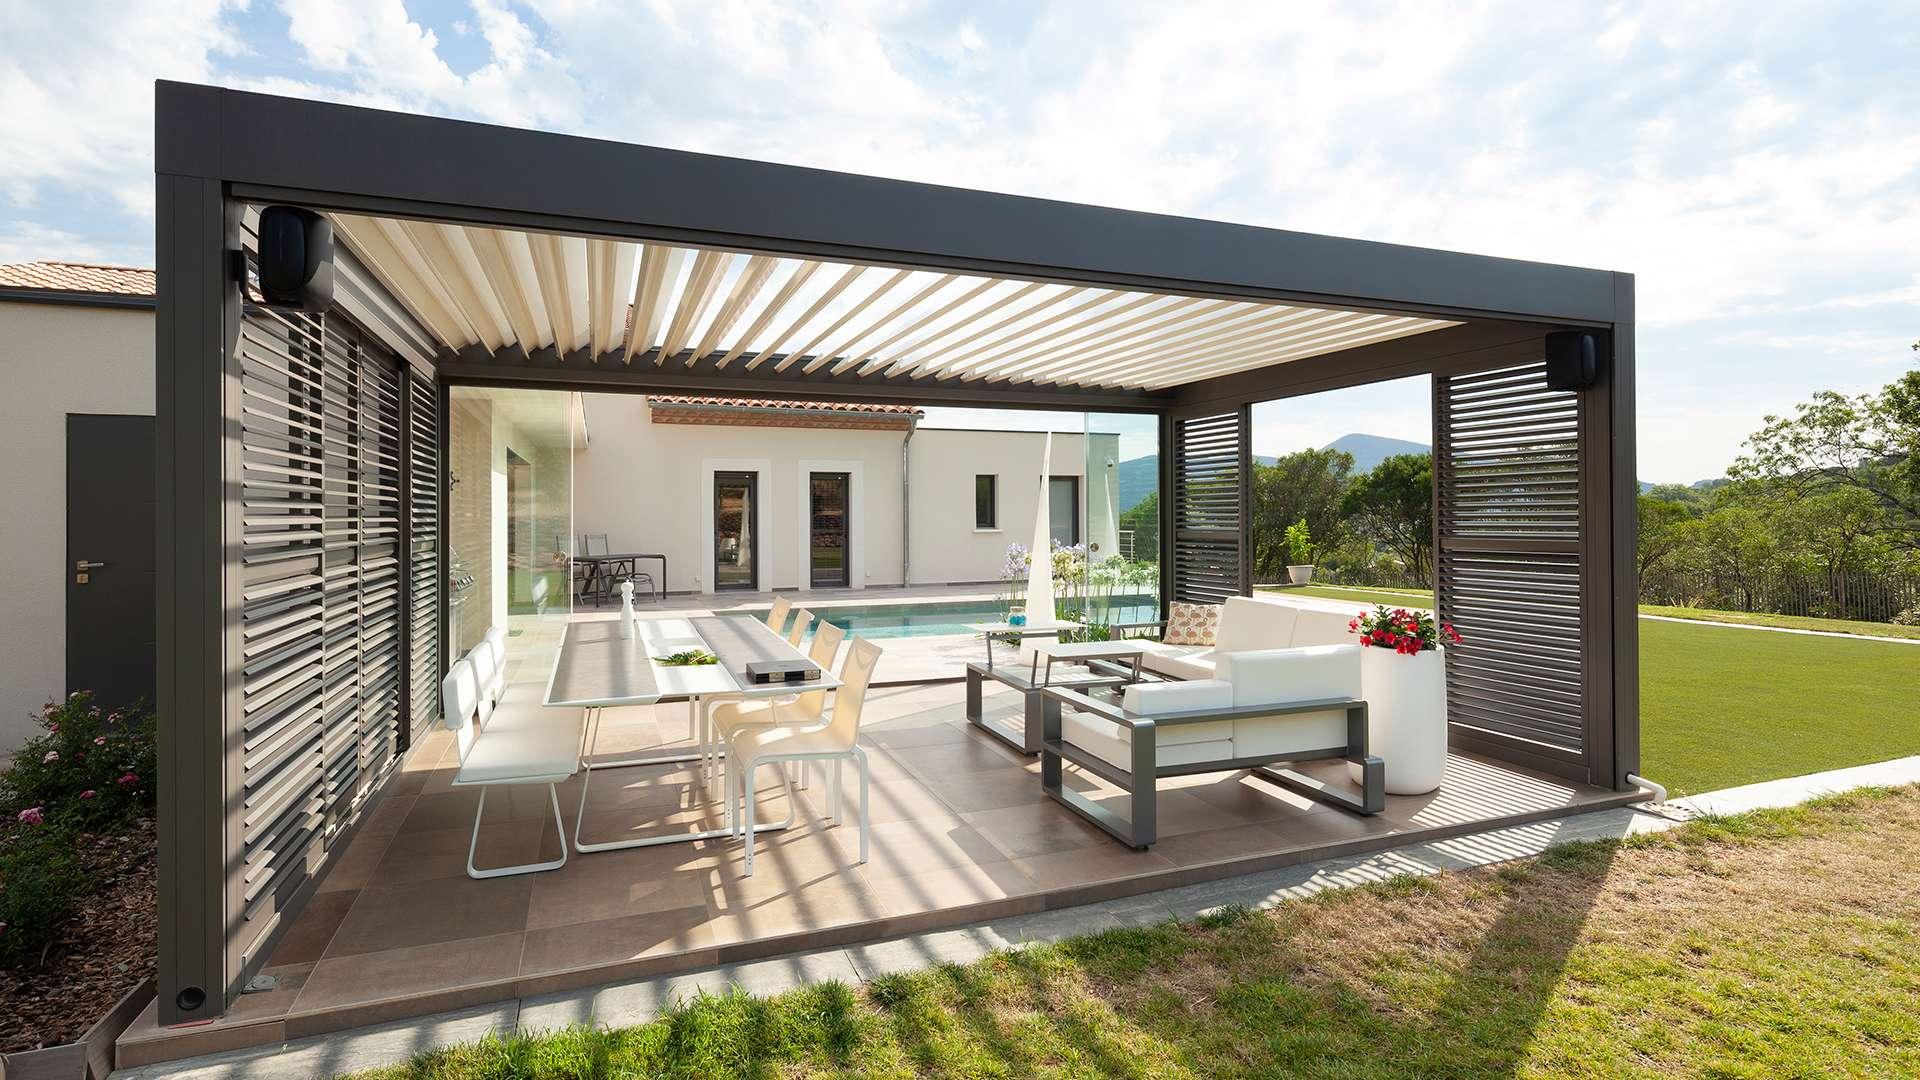 freistehendes Camargue Lamellendach mit Sitzmöbeln in einem Garten